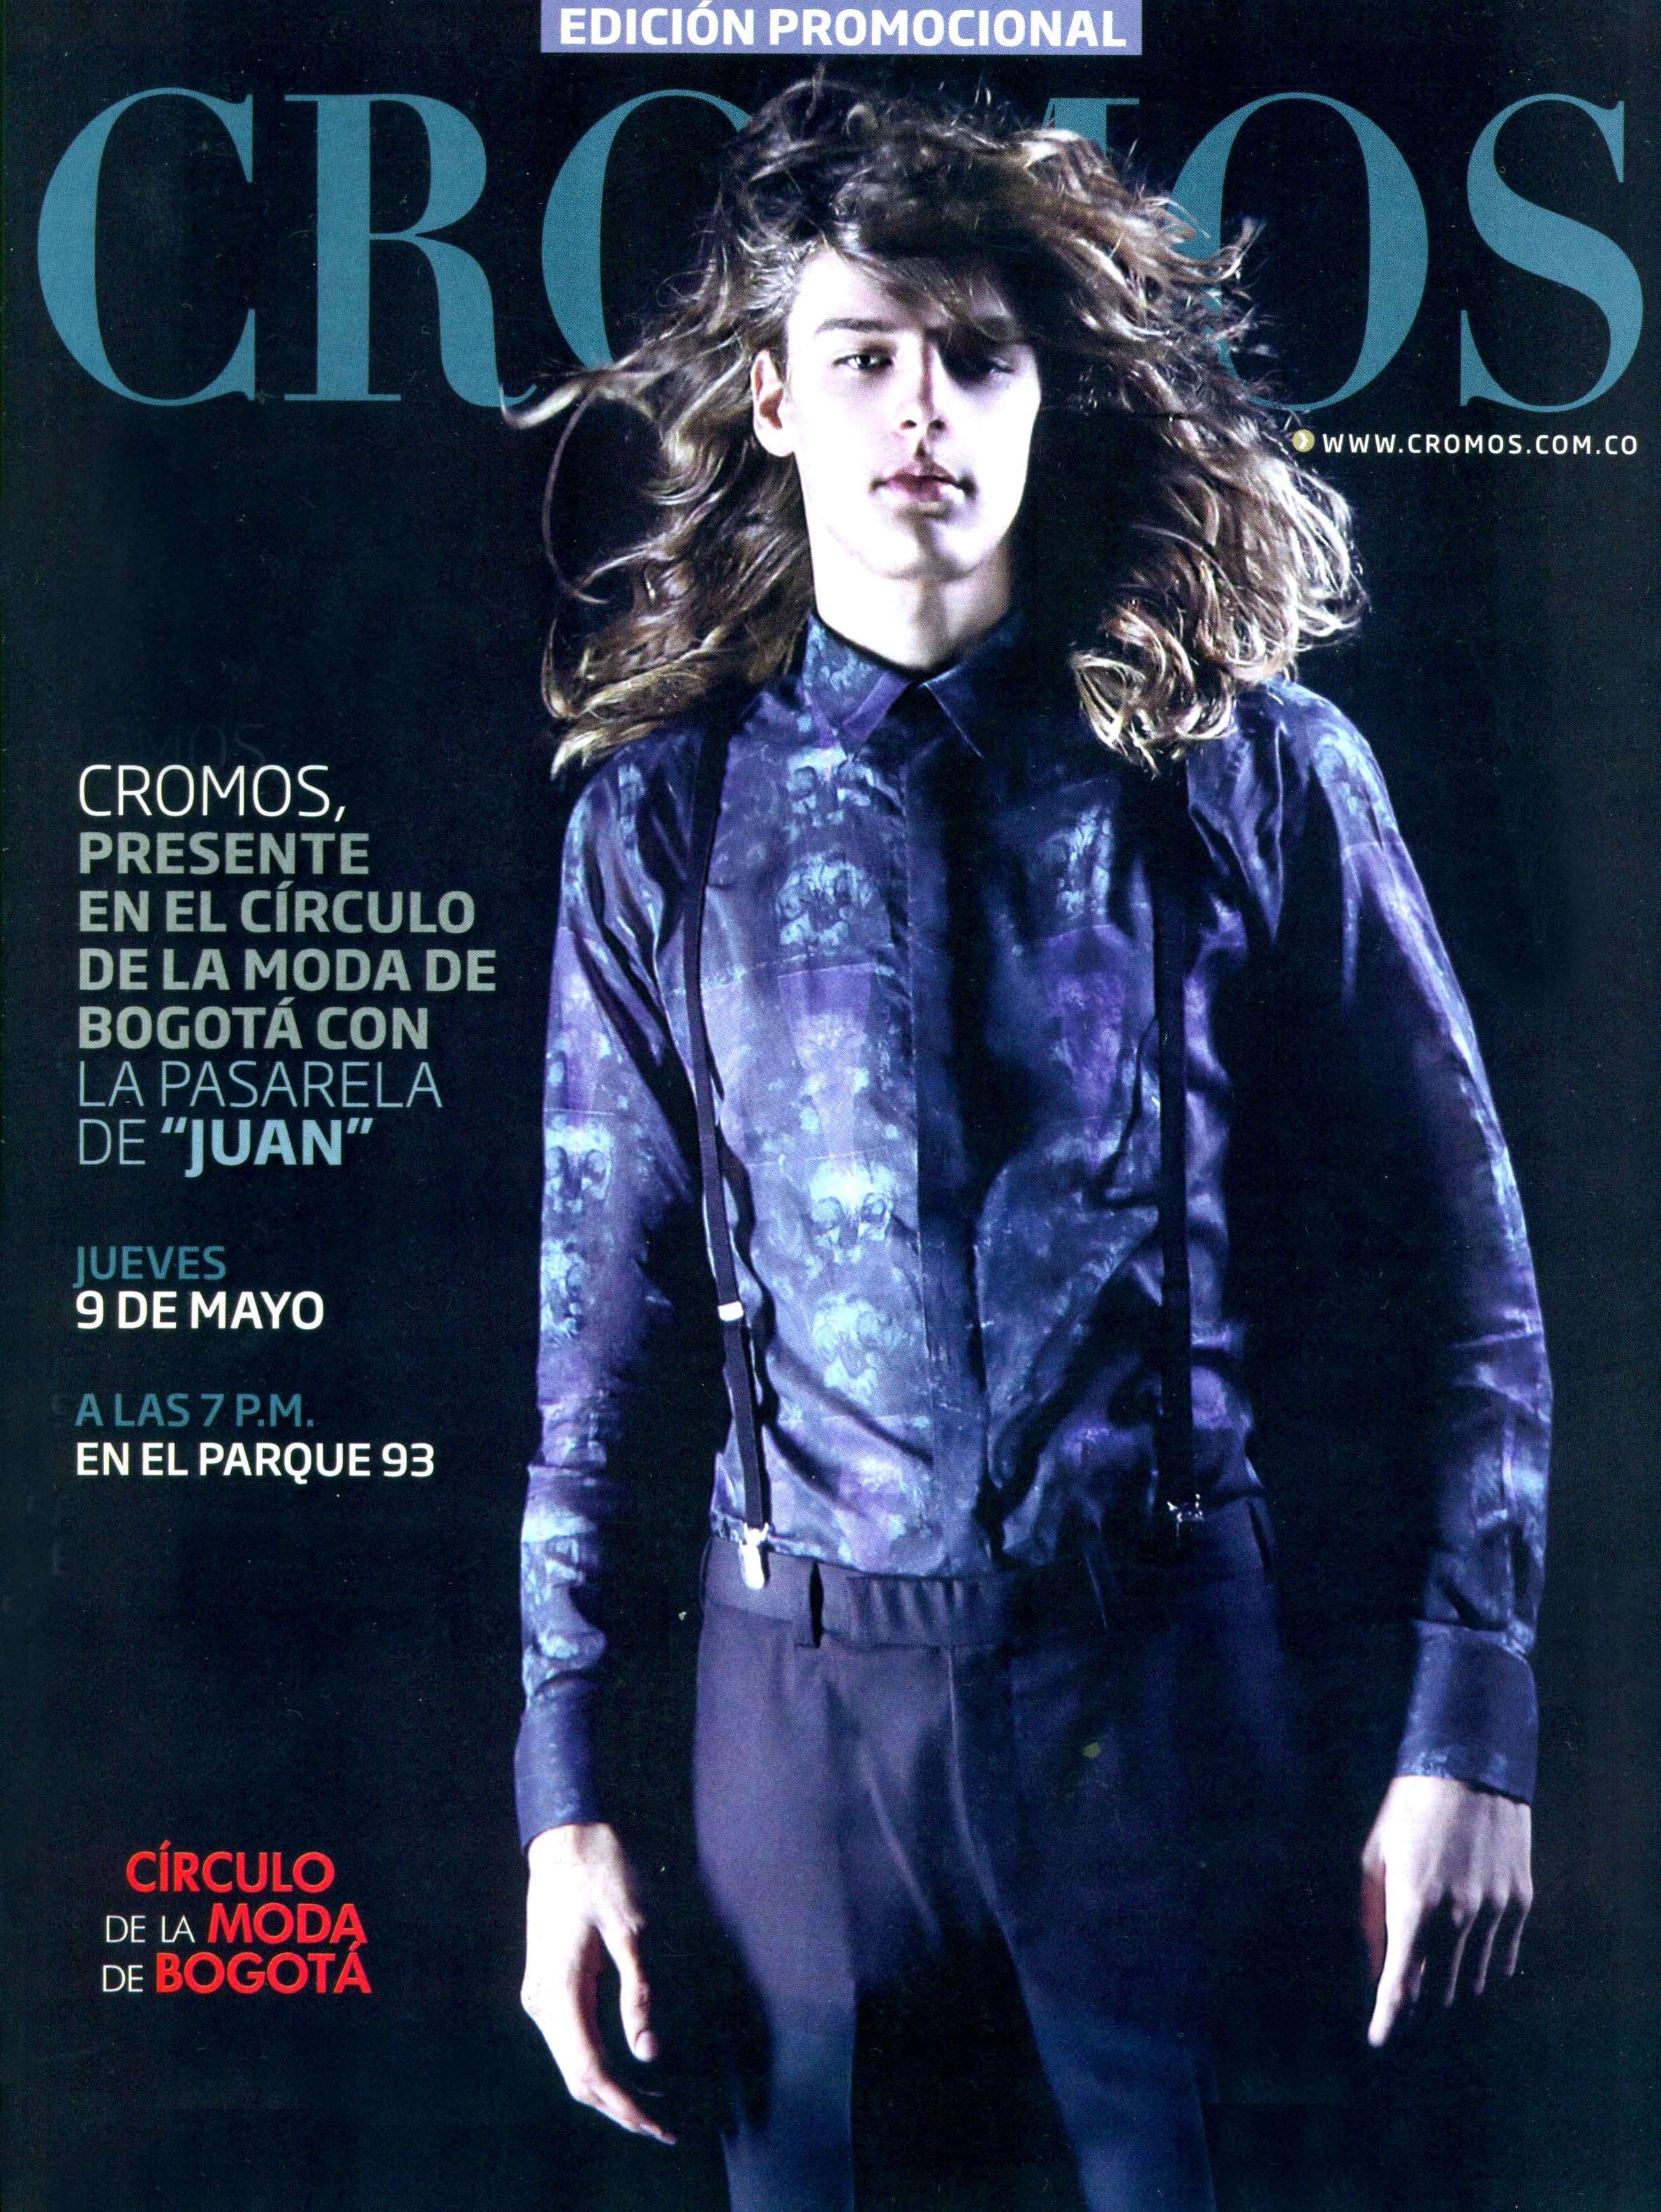 luis martin portada cromos 2013